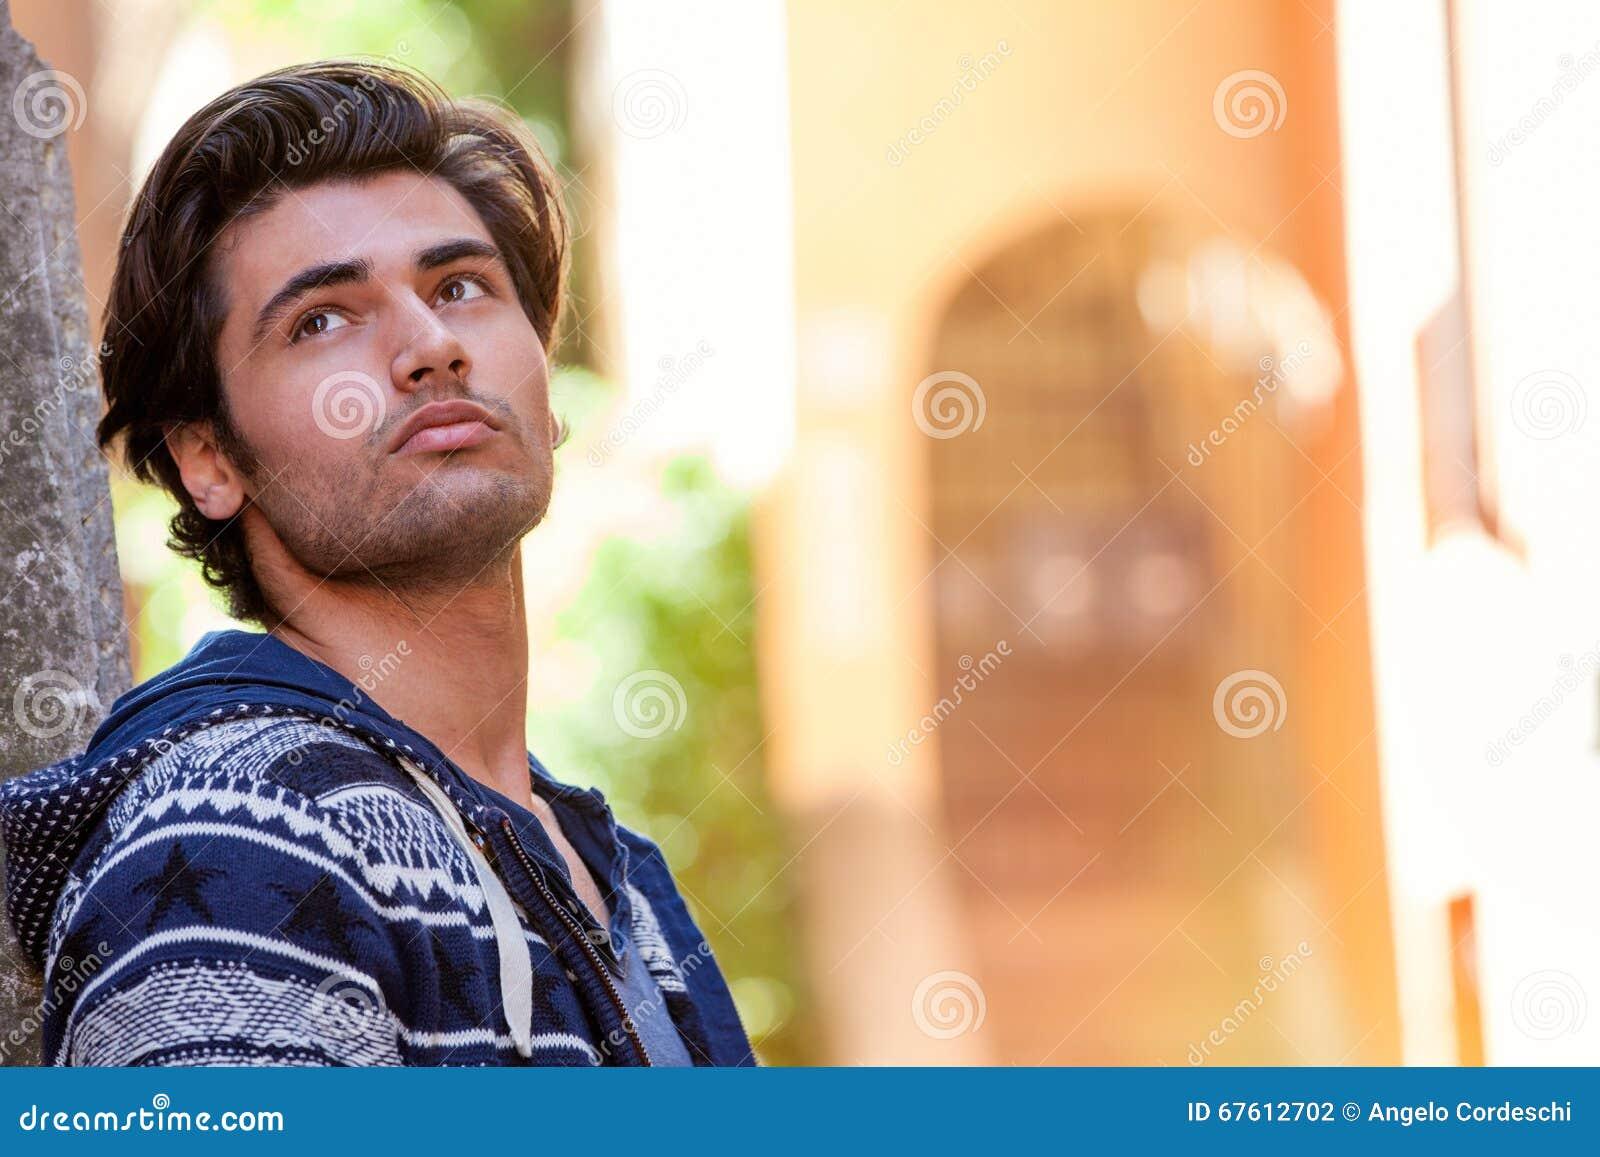 Homme célibataire Italie - Rencontre hommes célibataires Italie